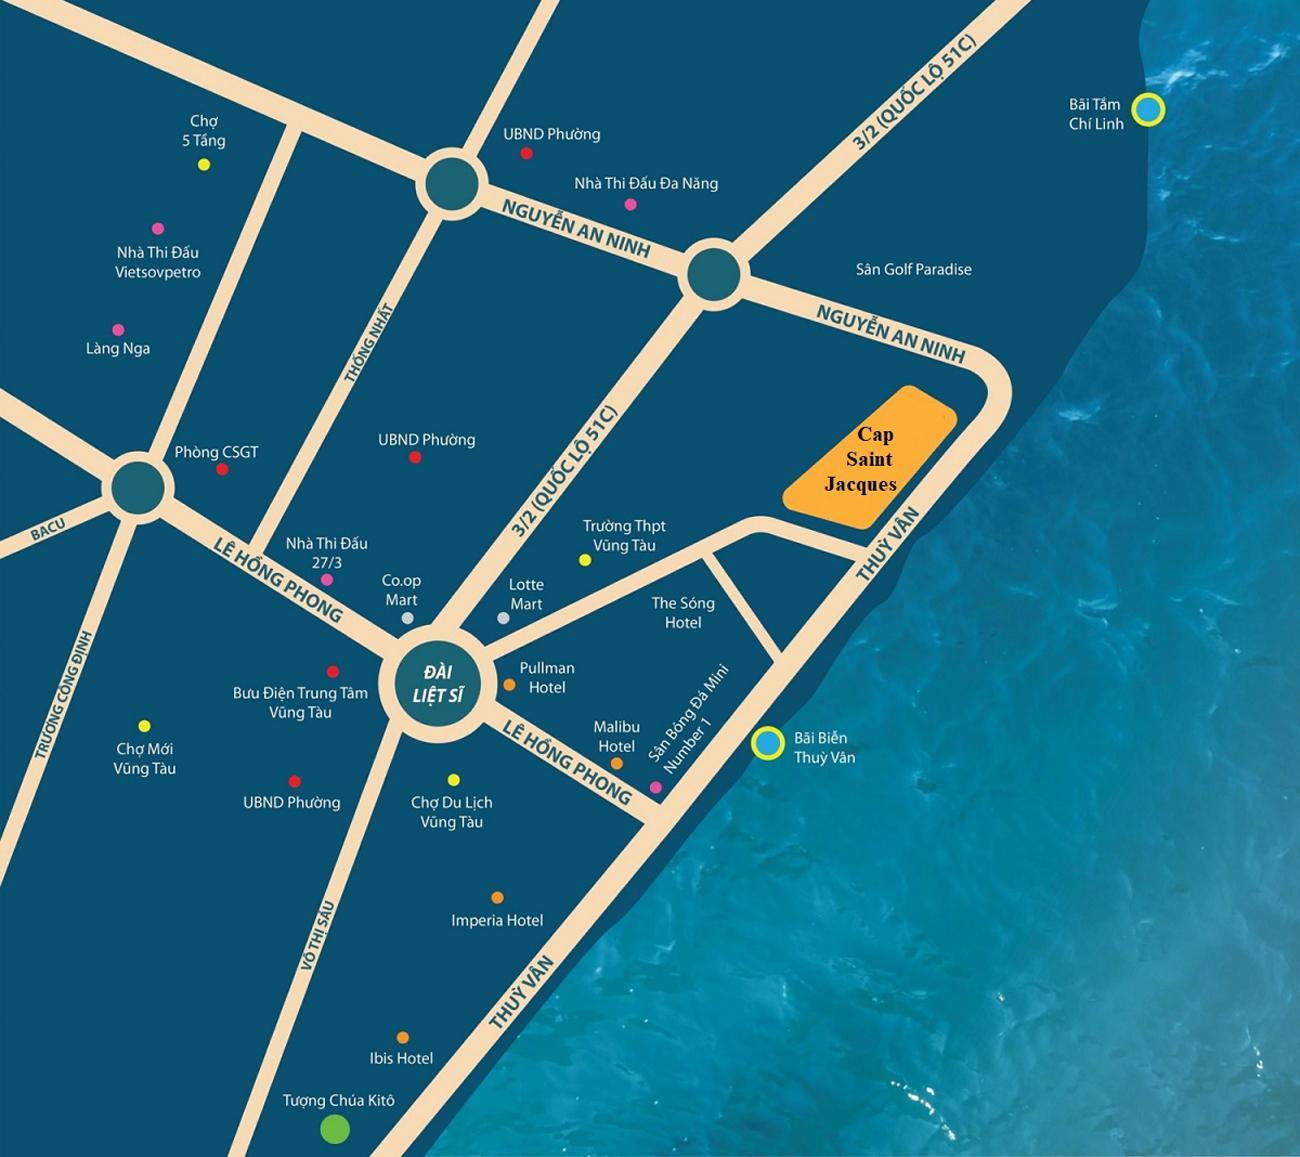 Vị trí địa chỉ dự án căn hộ condotel DIC CSJ Tower Vũng Tàu Đường Thi Sách chủ đầu tư DIC